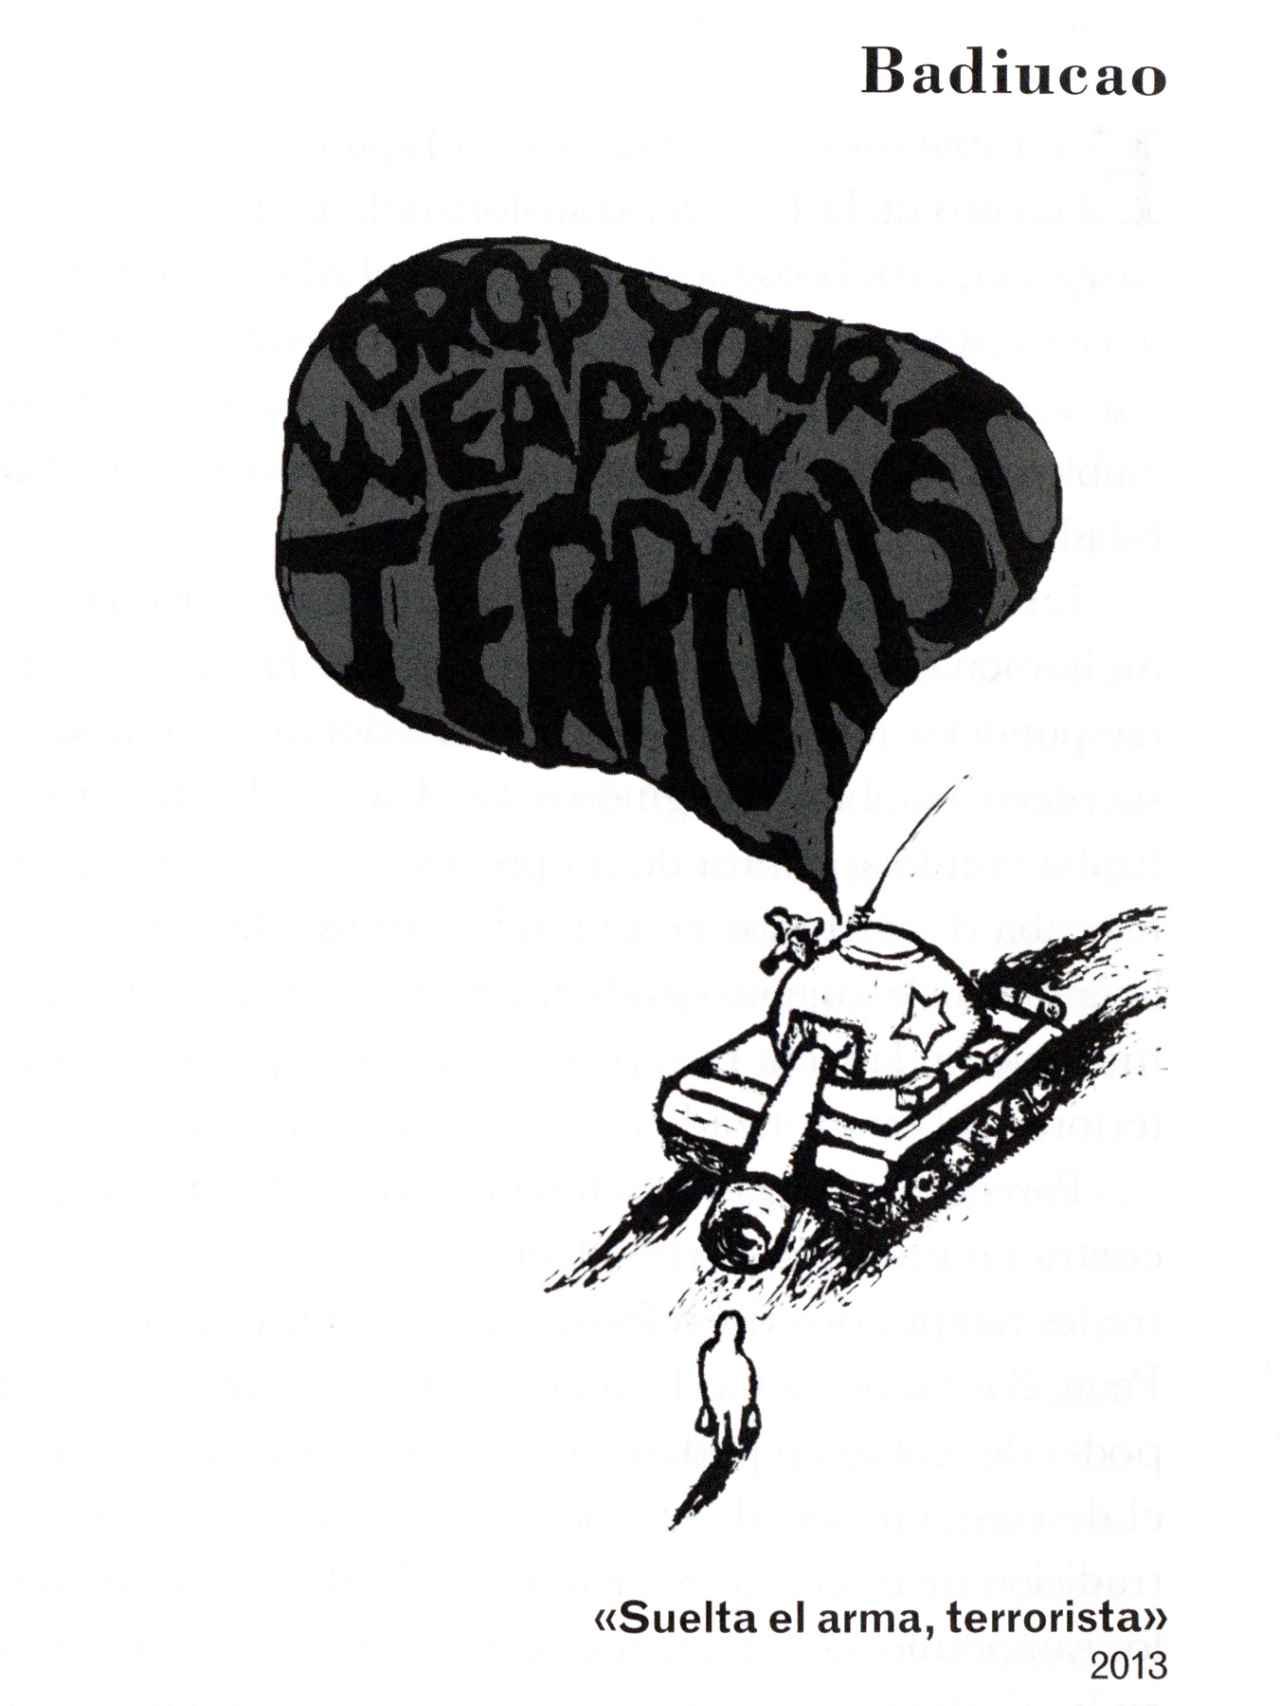 Badiucao duda, con esta imagen, de la versión del gobierno chino del atentado del 28.10.2013.